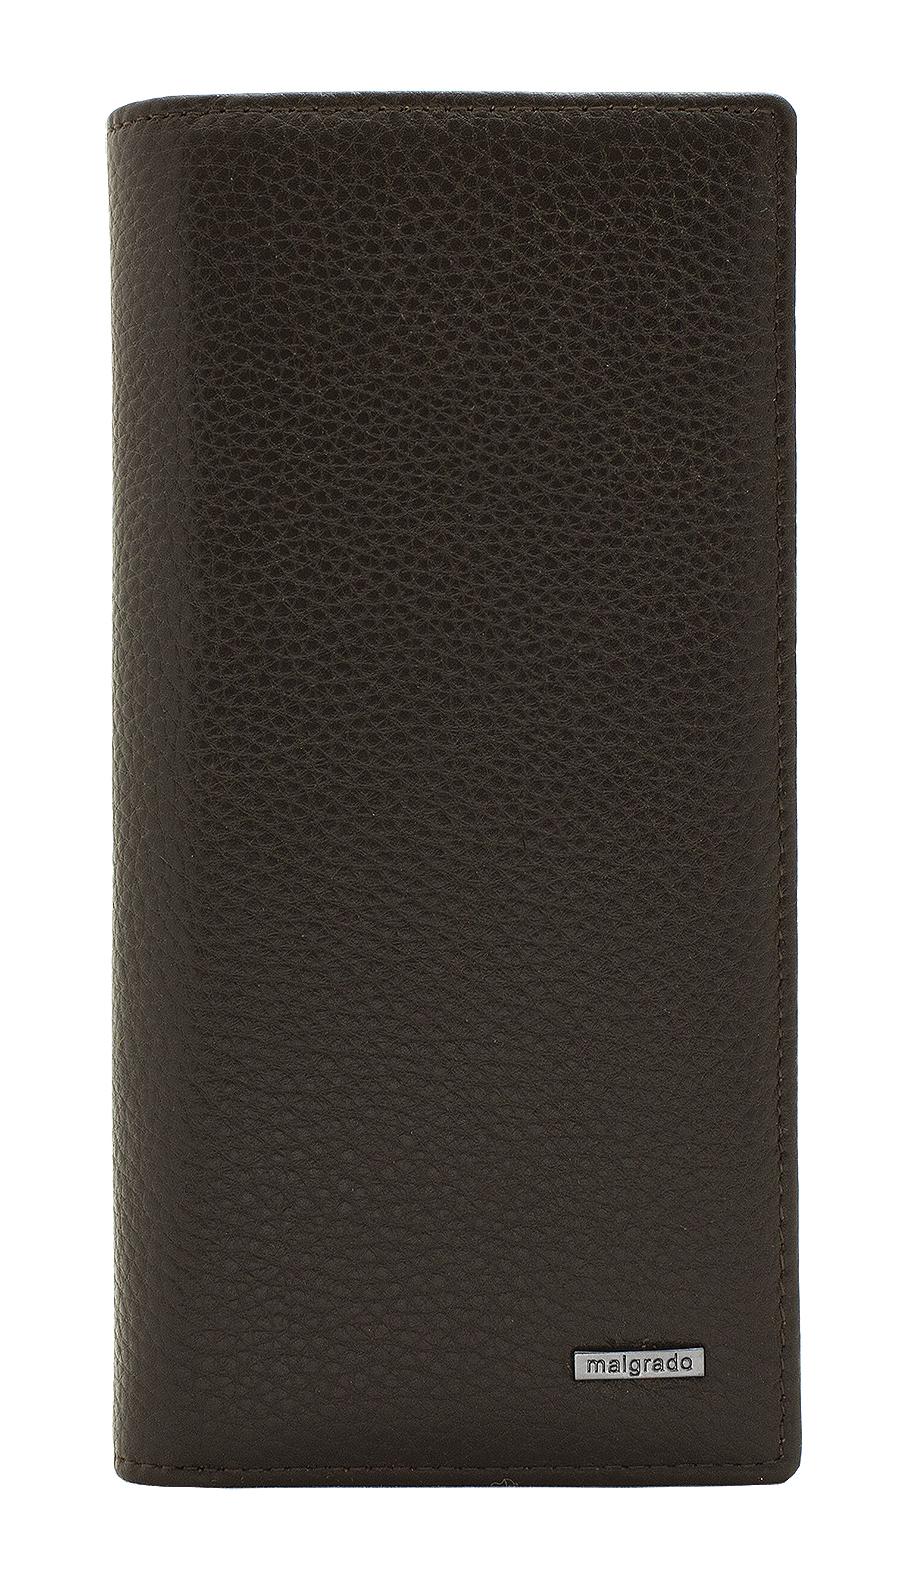 Портмоне мужское Malgrado, цвет: коричневый . 73401-5002D73401-5002D